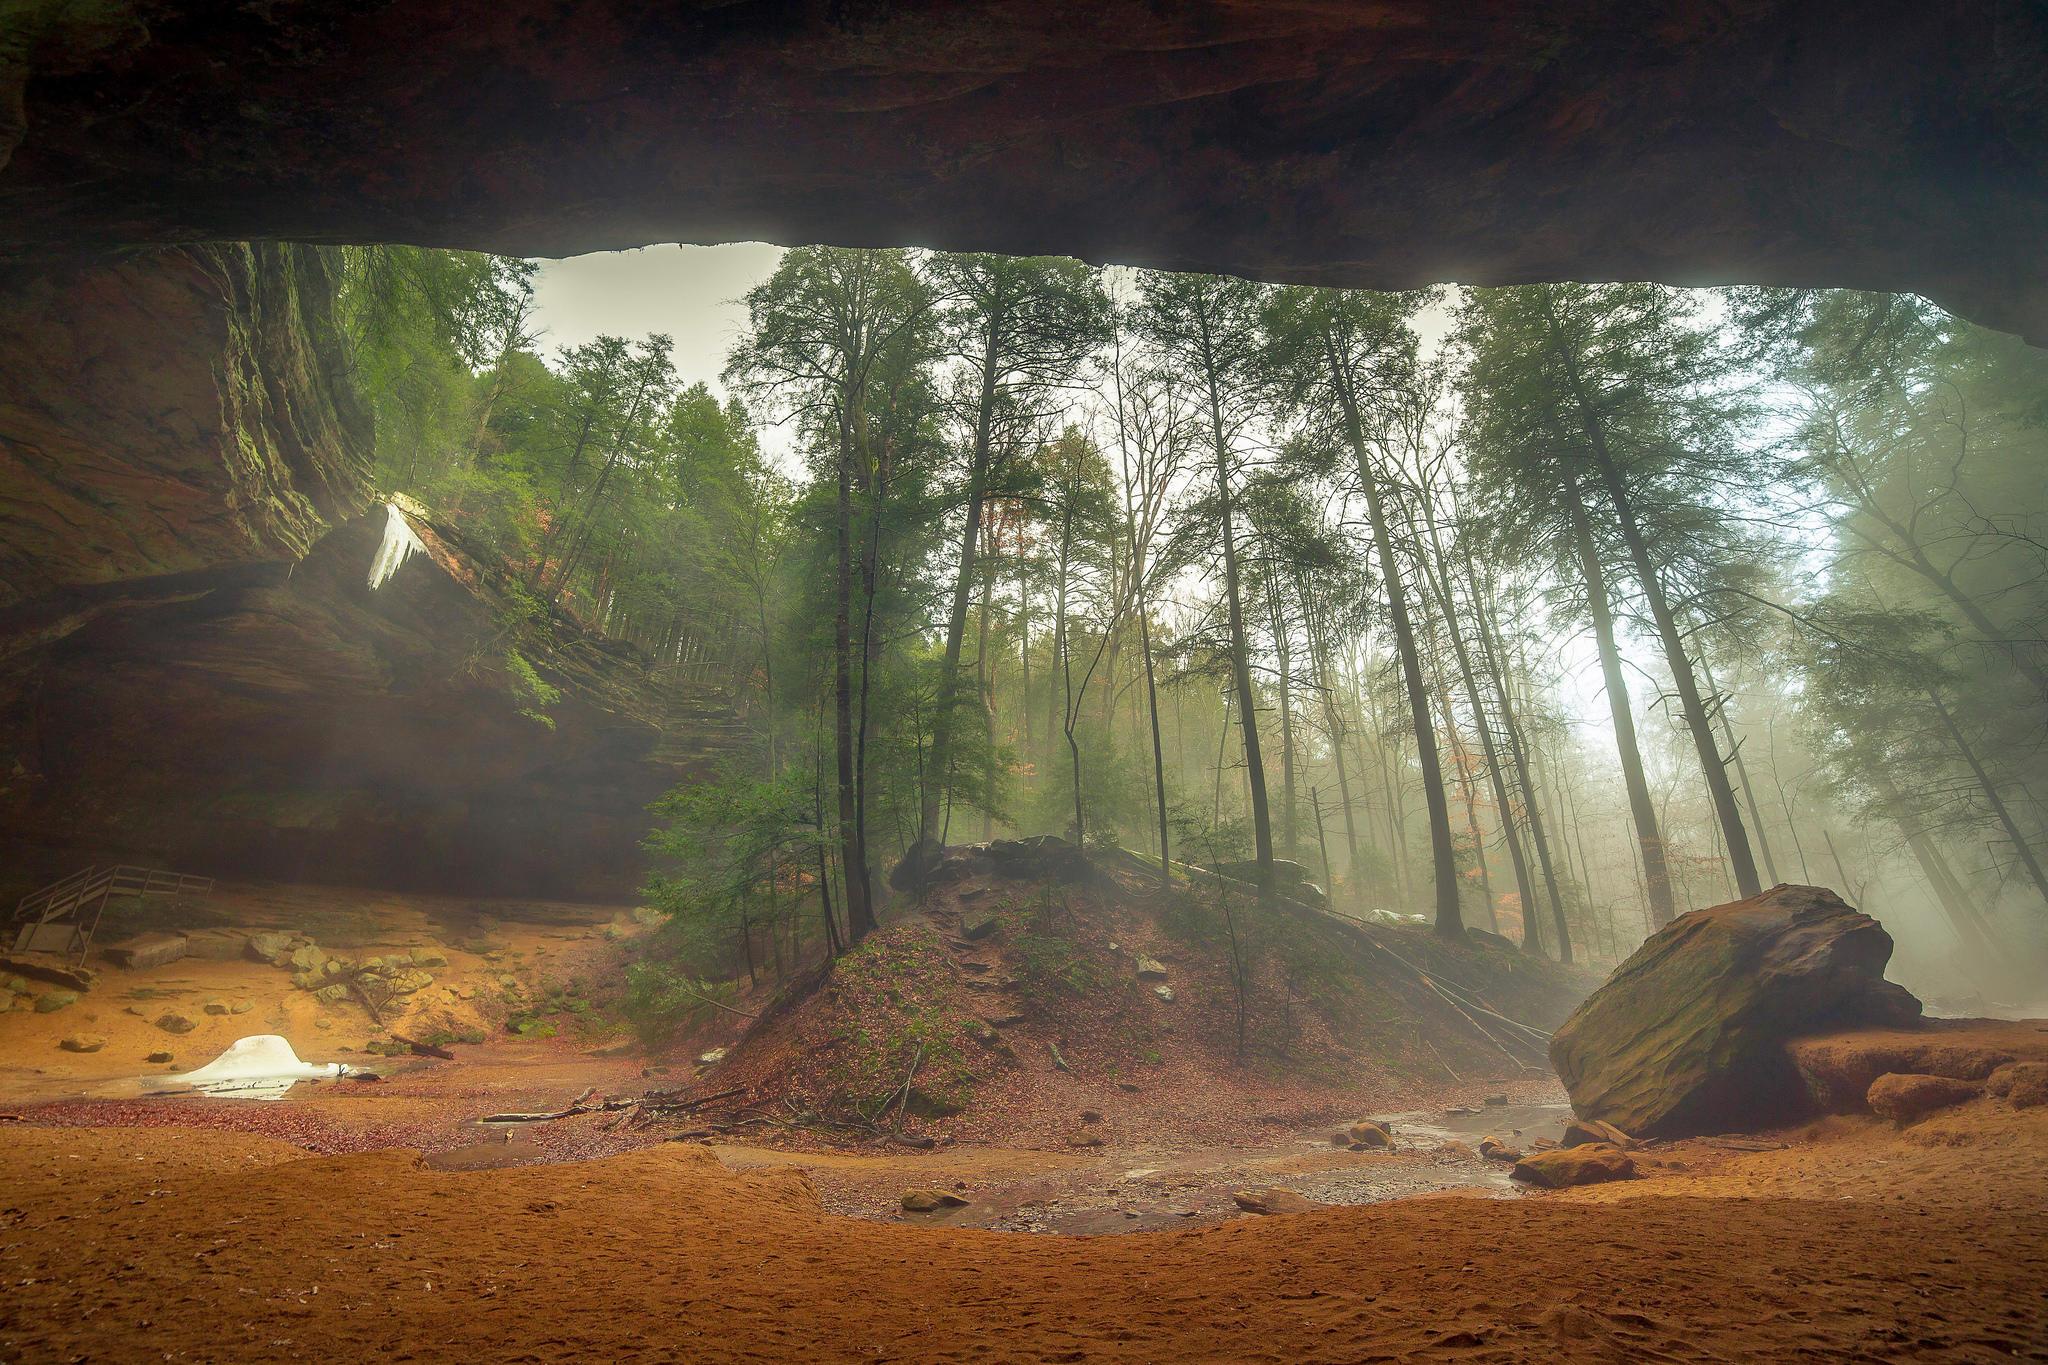 обои Ash Cave, Hocking Hills State Park, лес, туман картинки фото